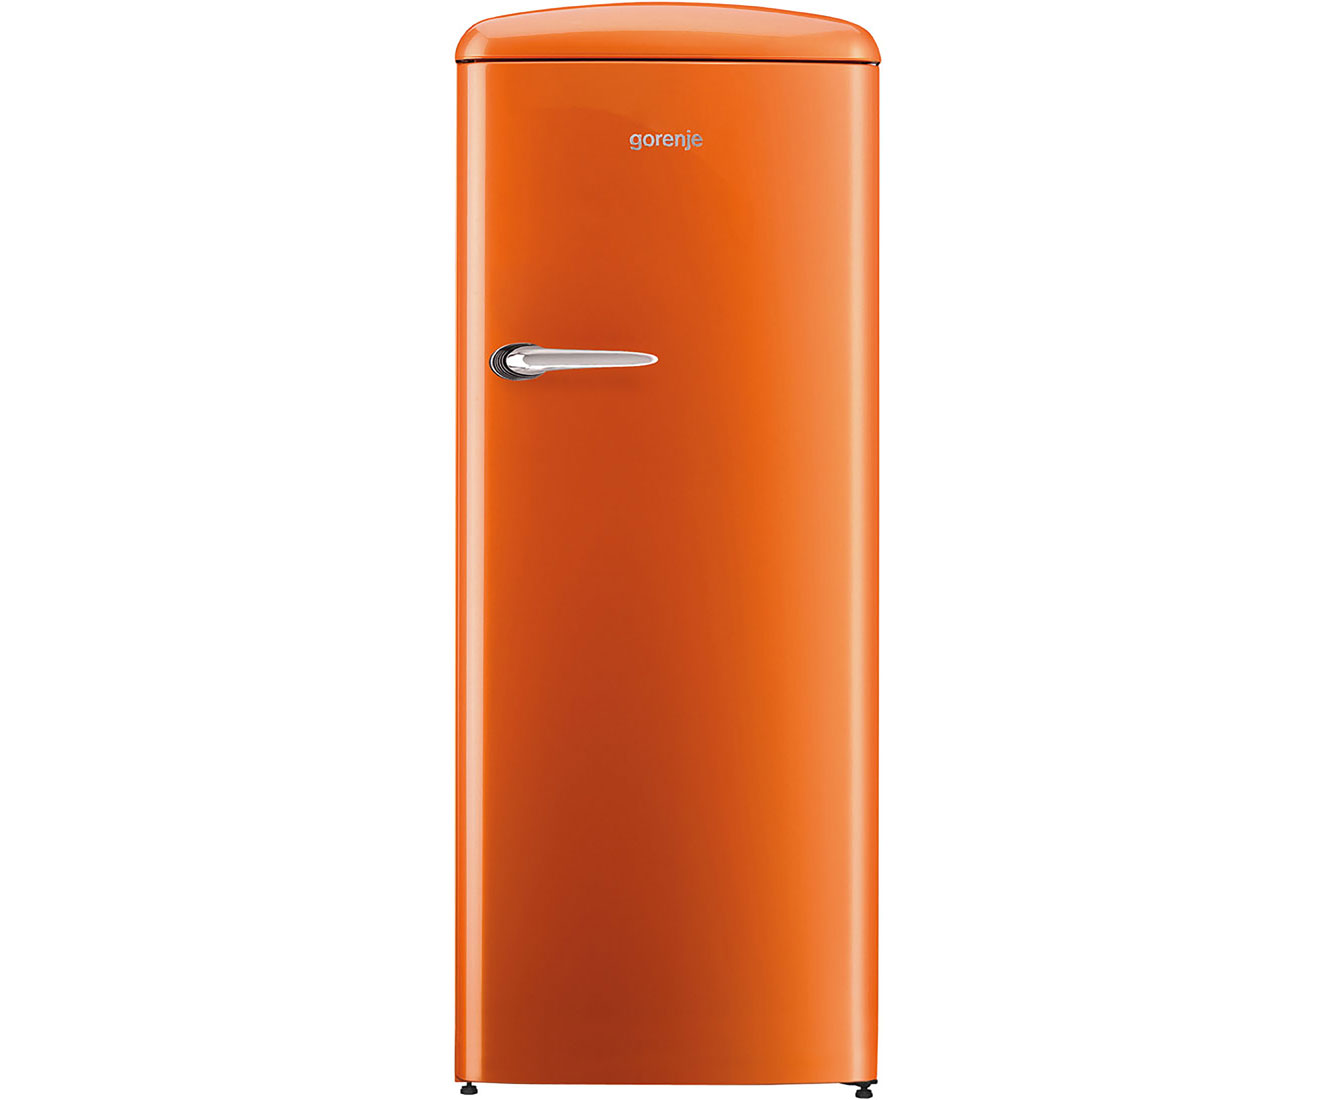 Retro Kühlschrank Pelgrim : Am besten gorenje kühlschrank creme &nr36 u2013 startupjobsfa